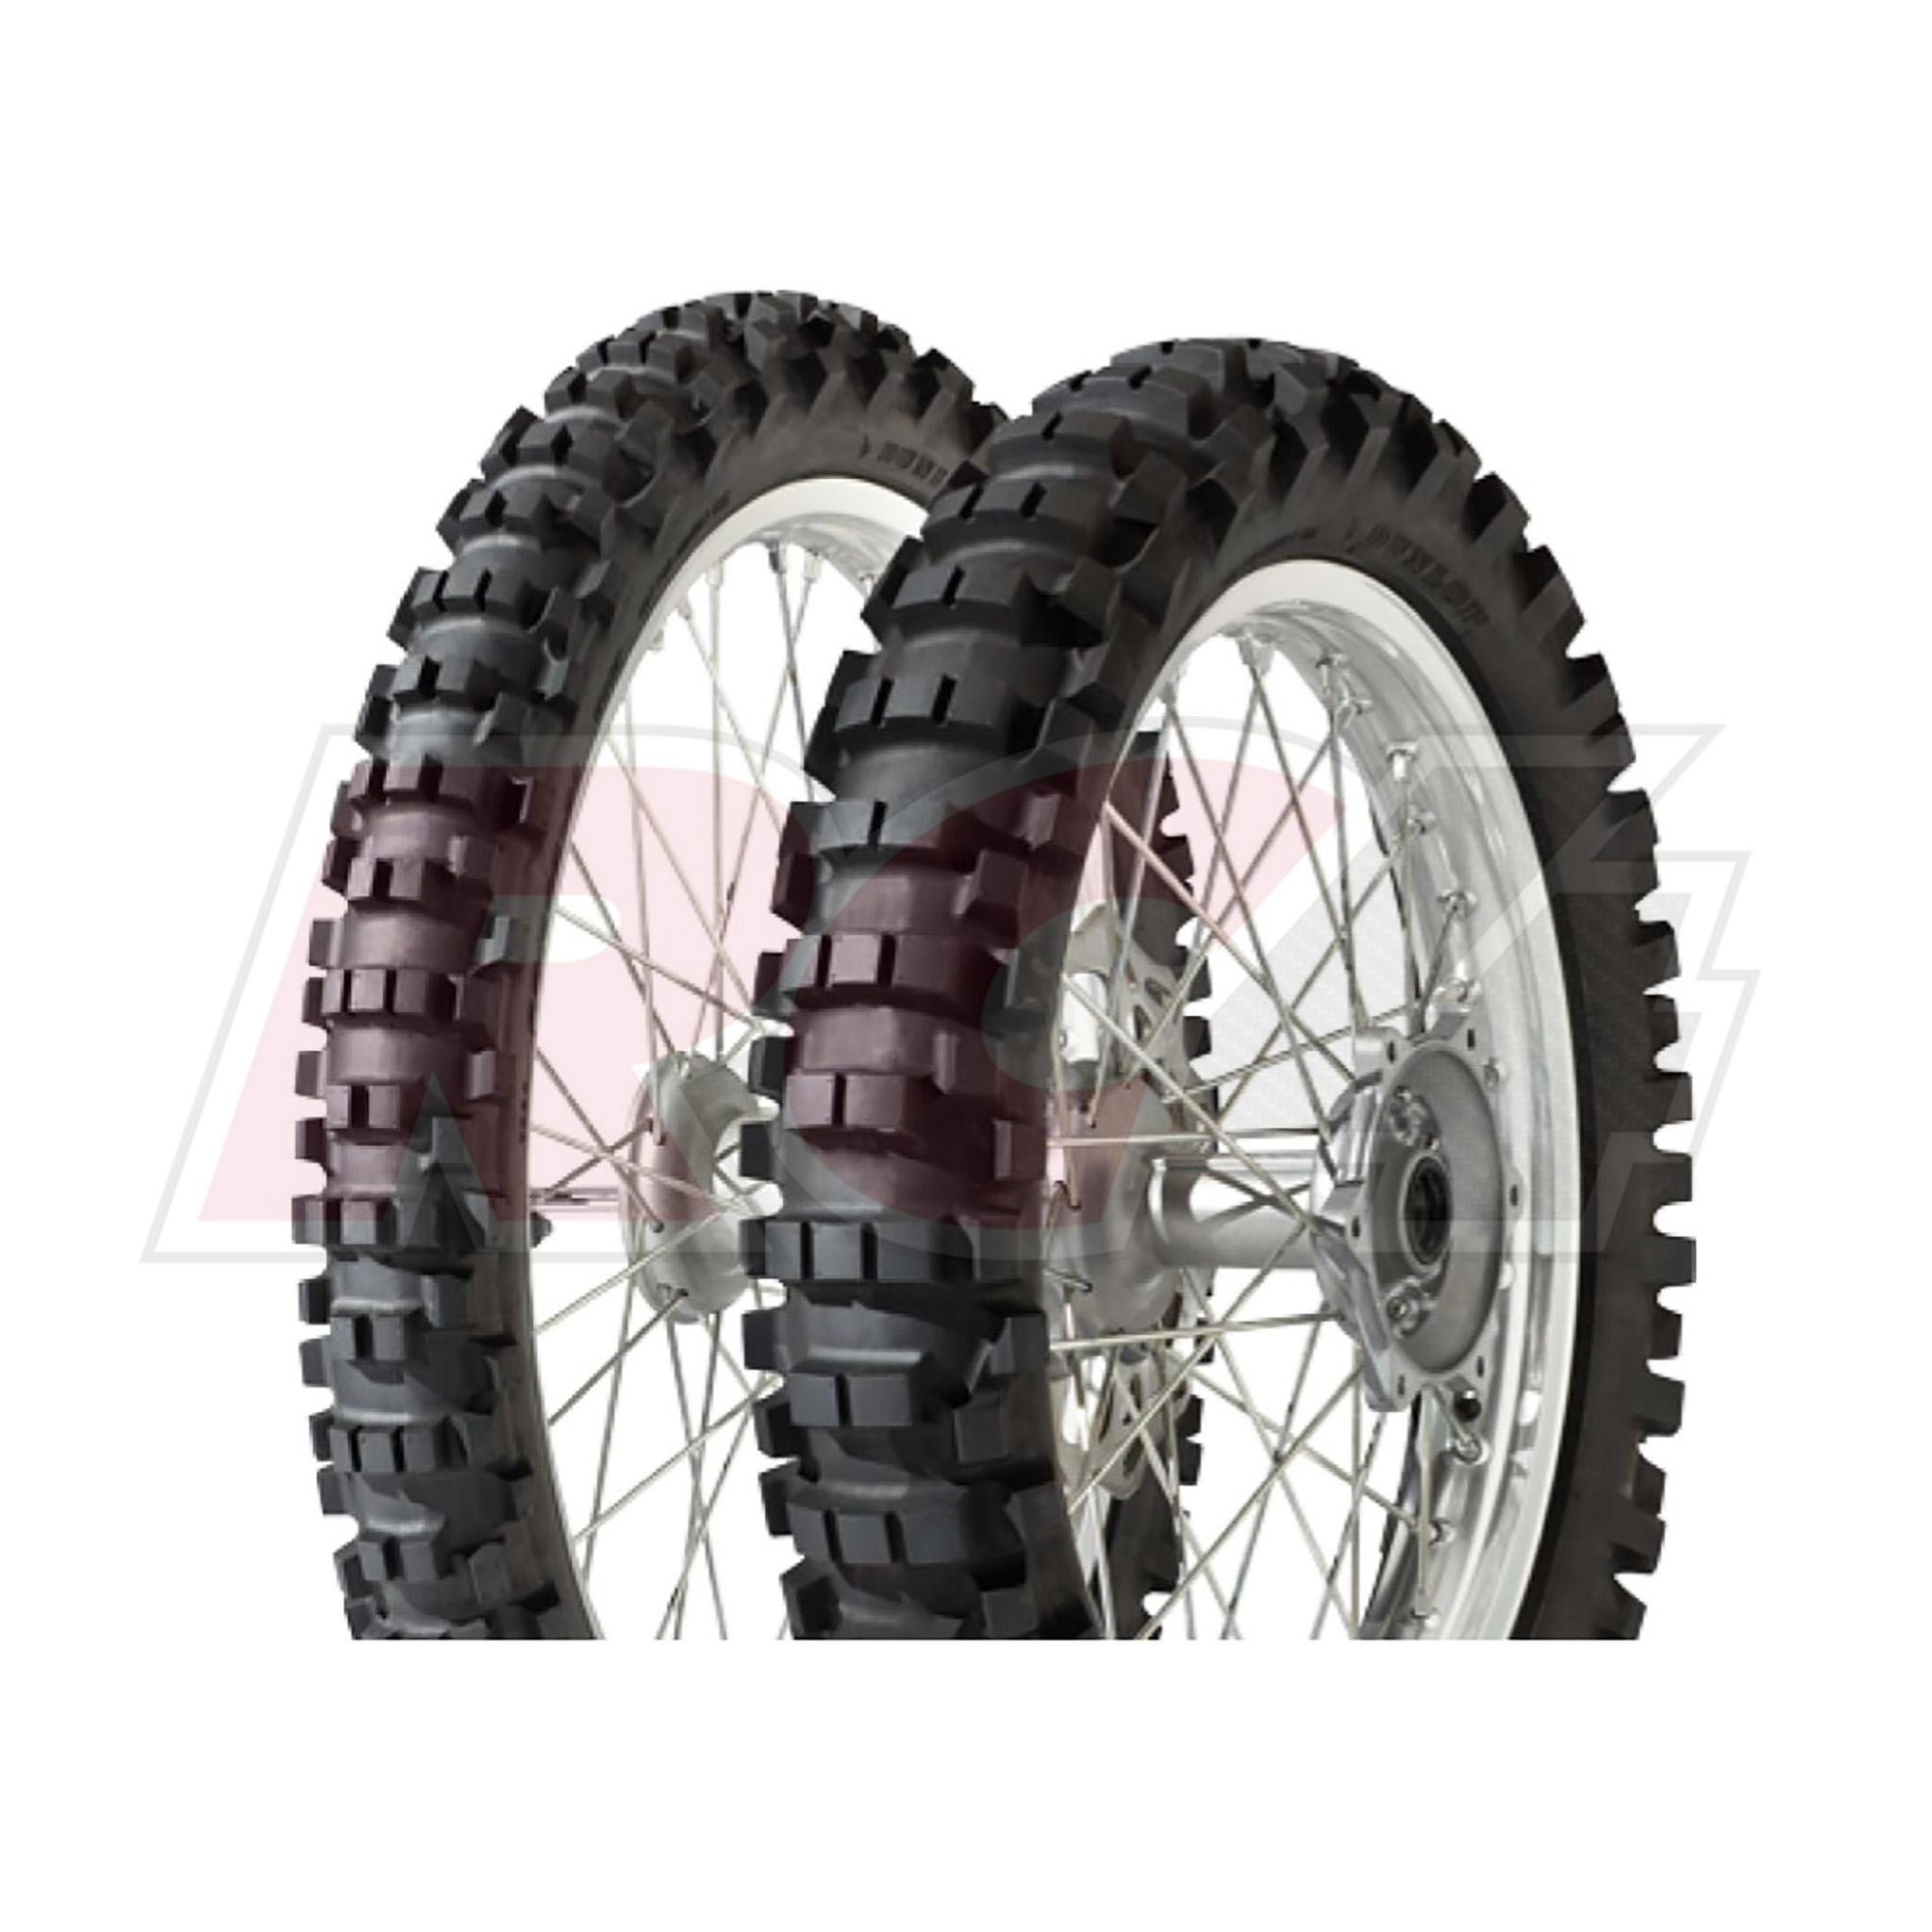 Pneu Dunlop D952 80/100-21 51R M